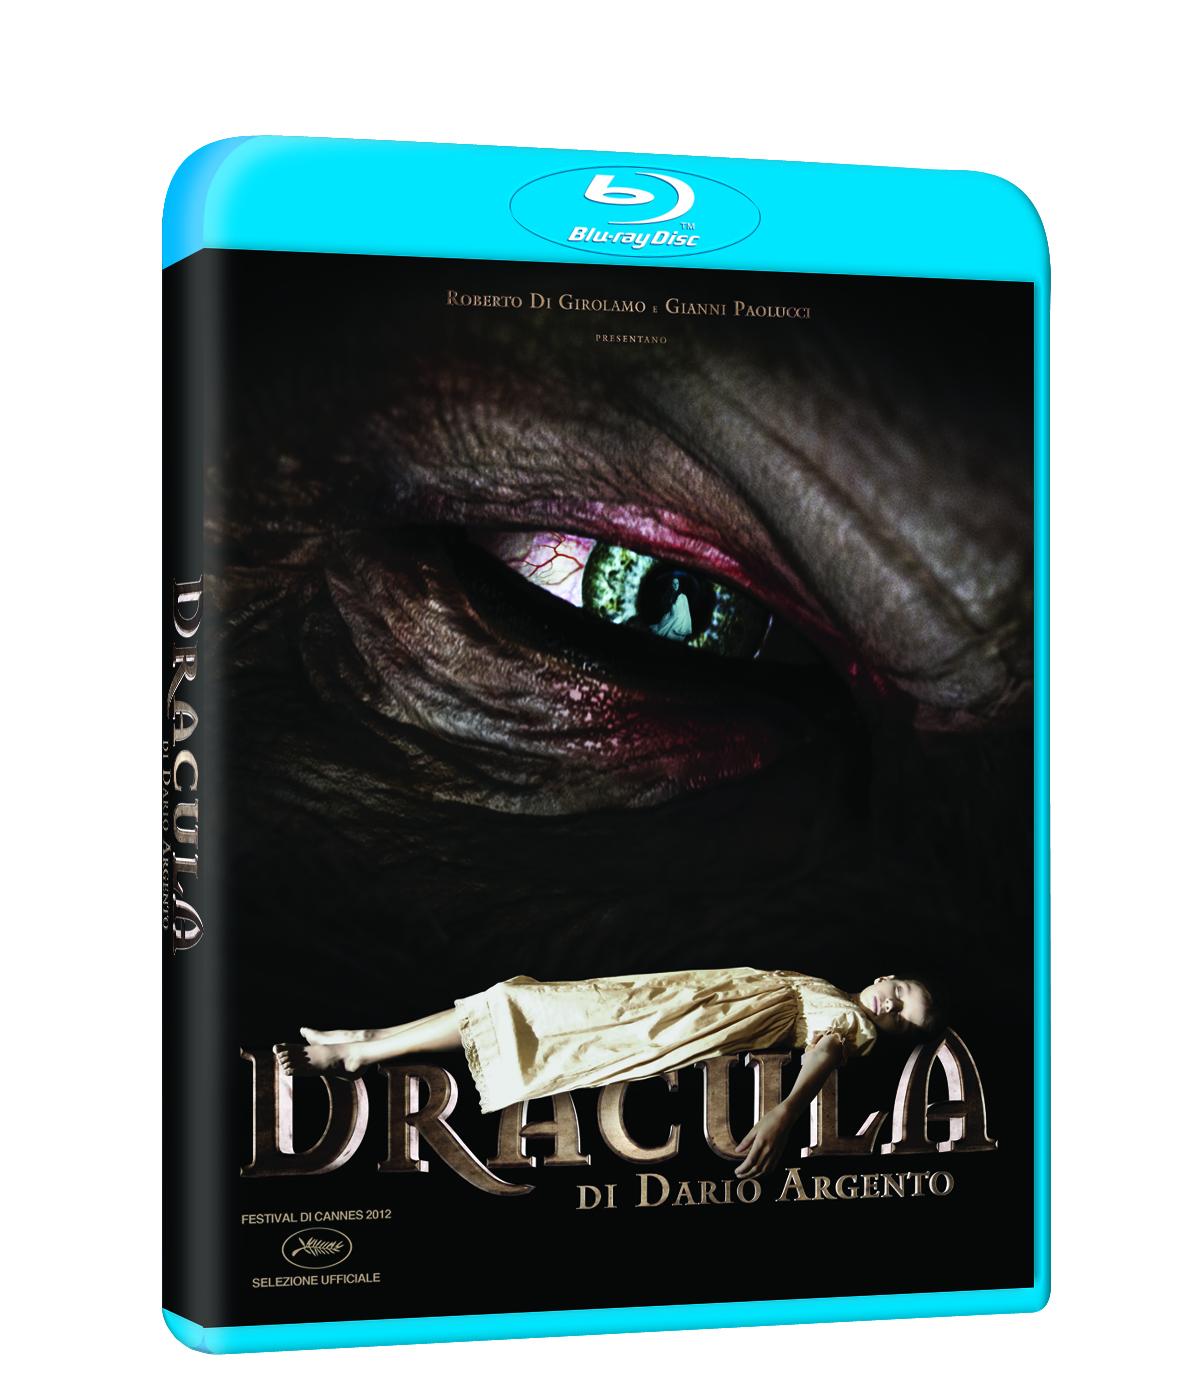 dravcula 3d dario argento blu-ray